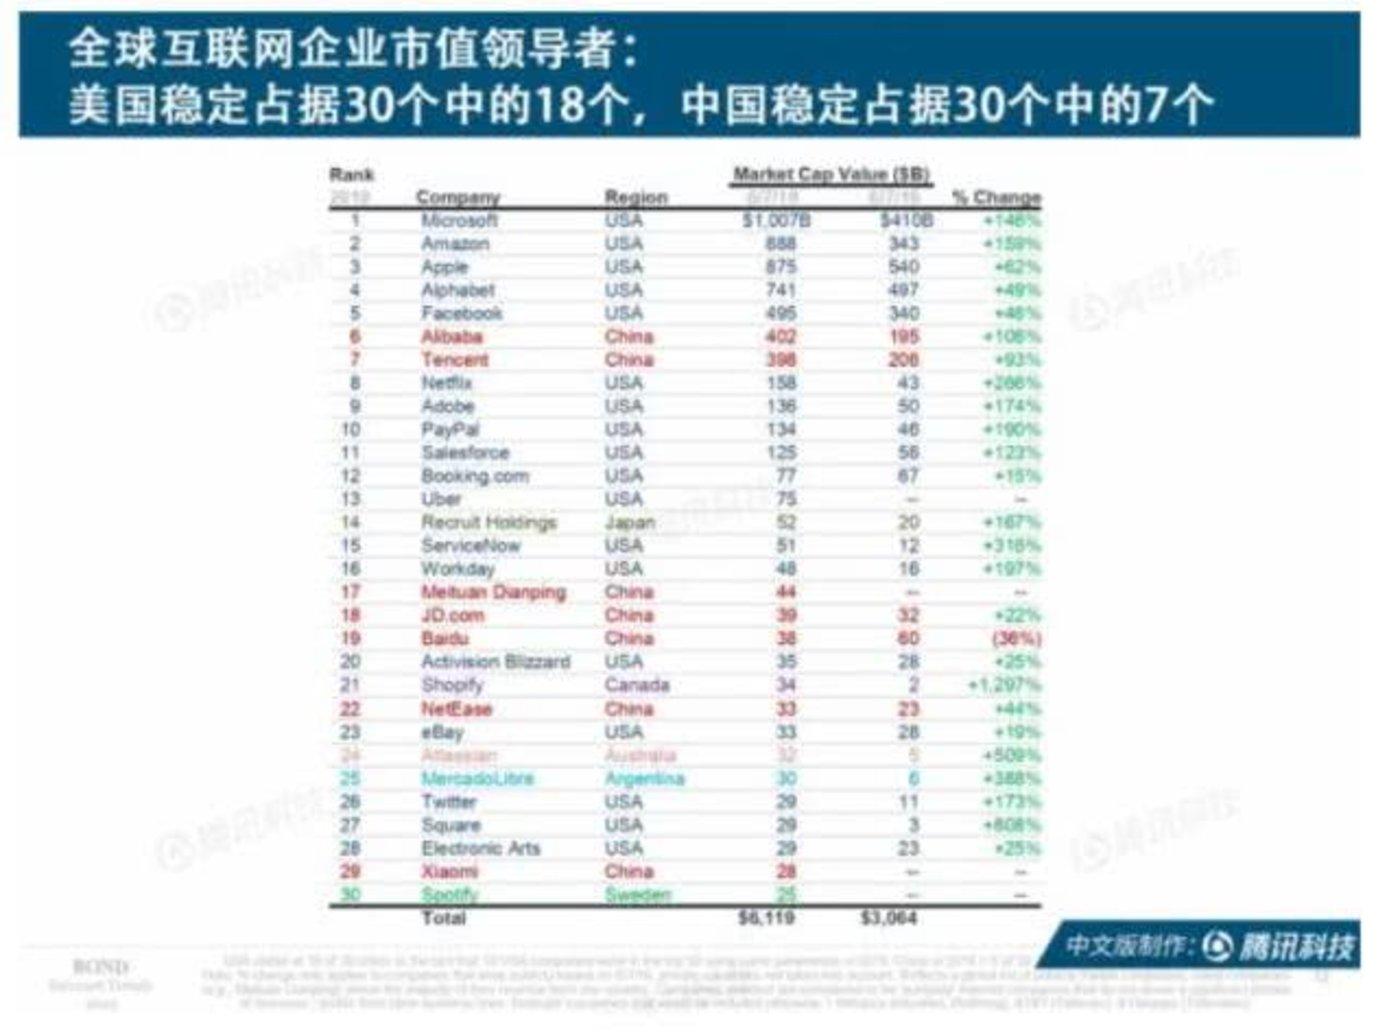 一文读懂互联网女皇报告:30家互联网顶级公司几乎被中美垄断